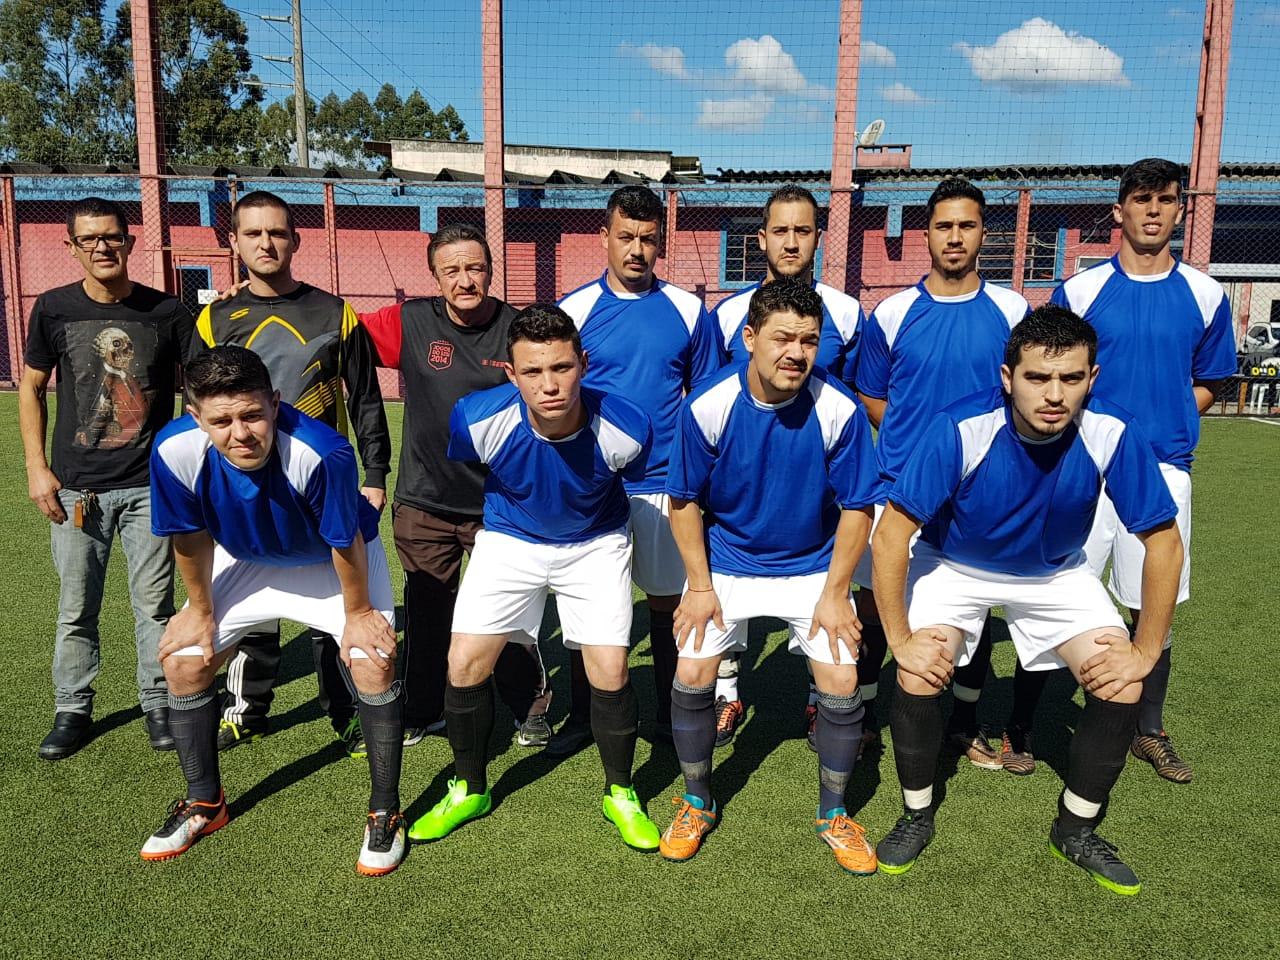 JOGOS DO SESI  Novacki e Pormade avançam a semifinal do futebol sete livre  - Esportes - Vvale e033cfab4c6e9